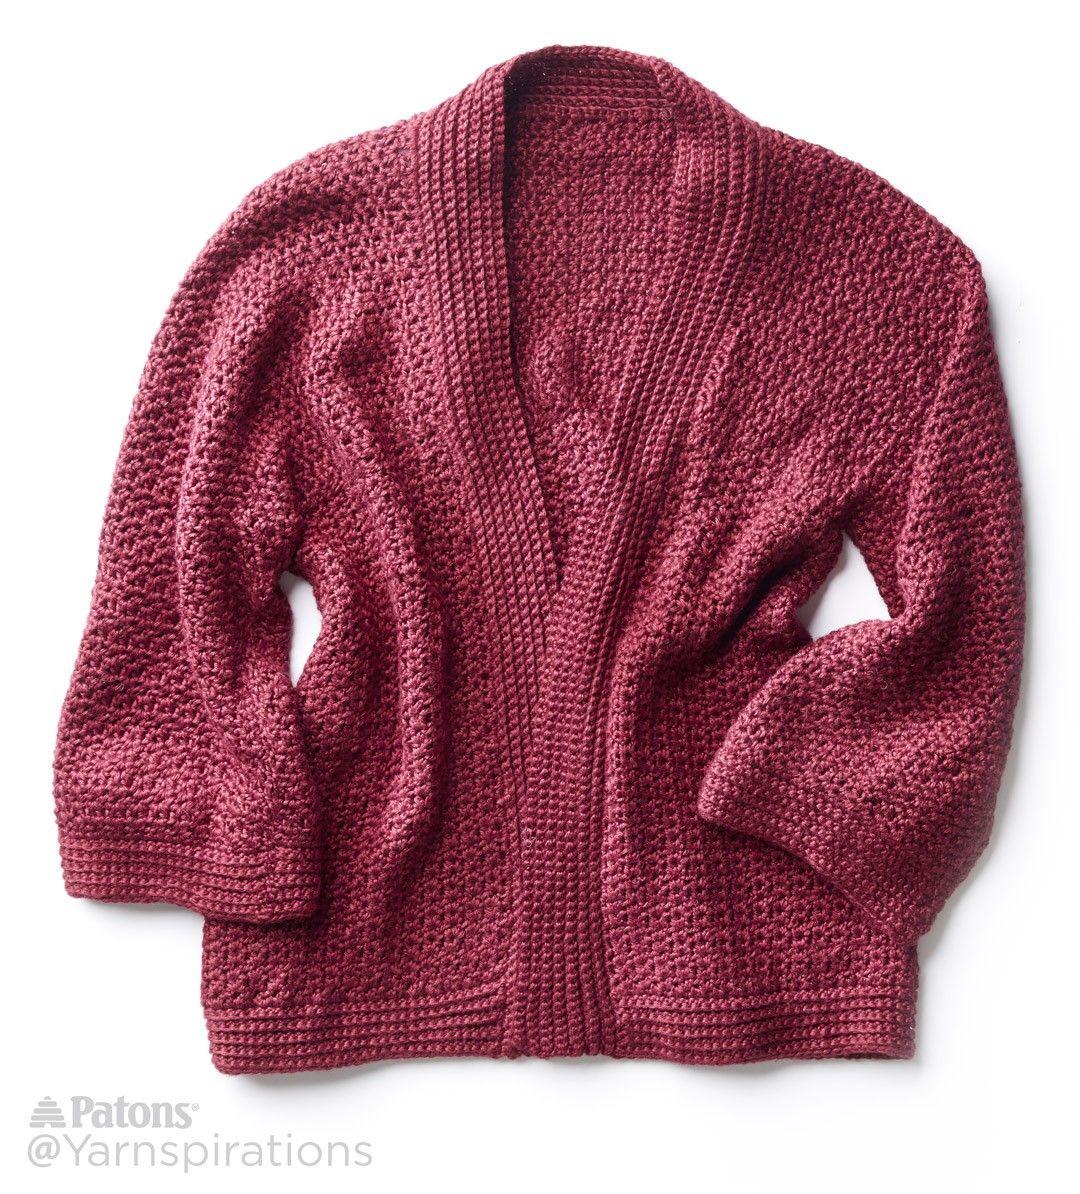 Soft Drape Kimono Crochet Jacket Free Pattern Yarnspirations